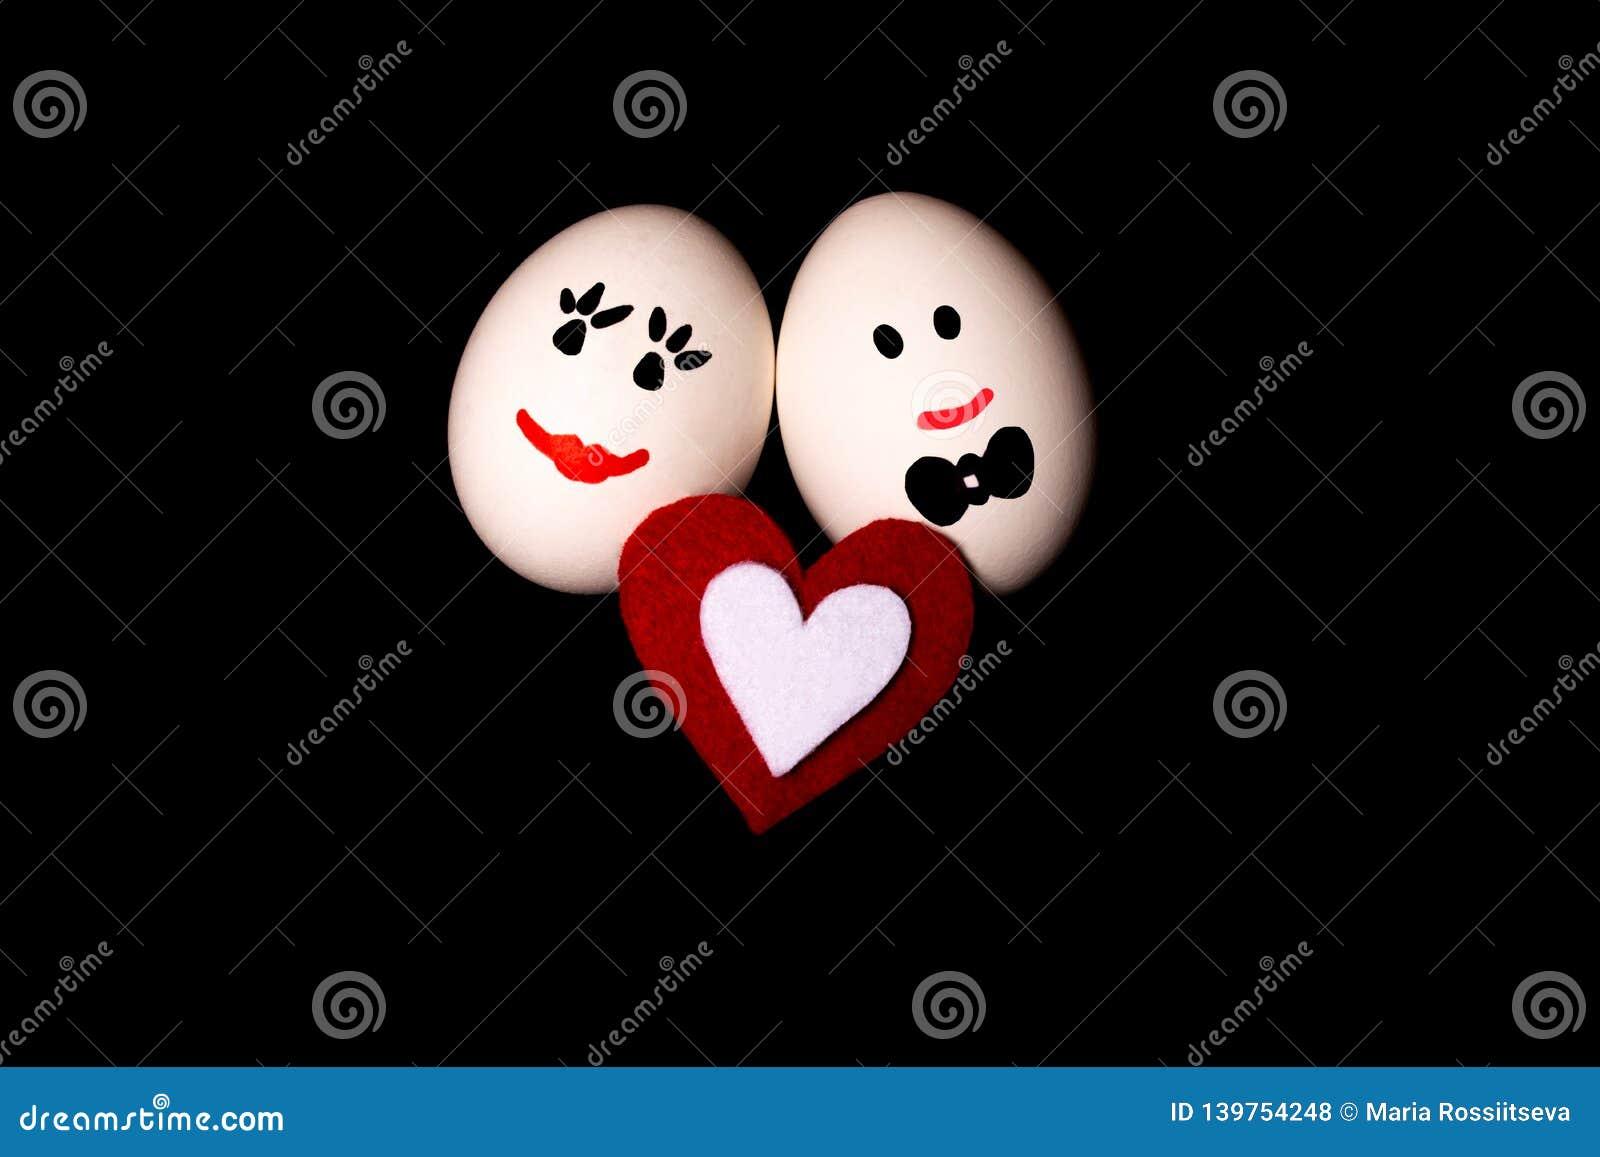 Fondo sonriente cariñoso del negro de dos huevos n